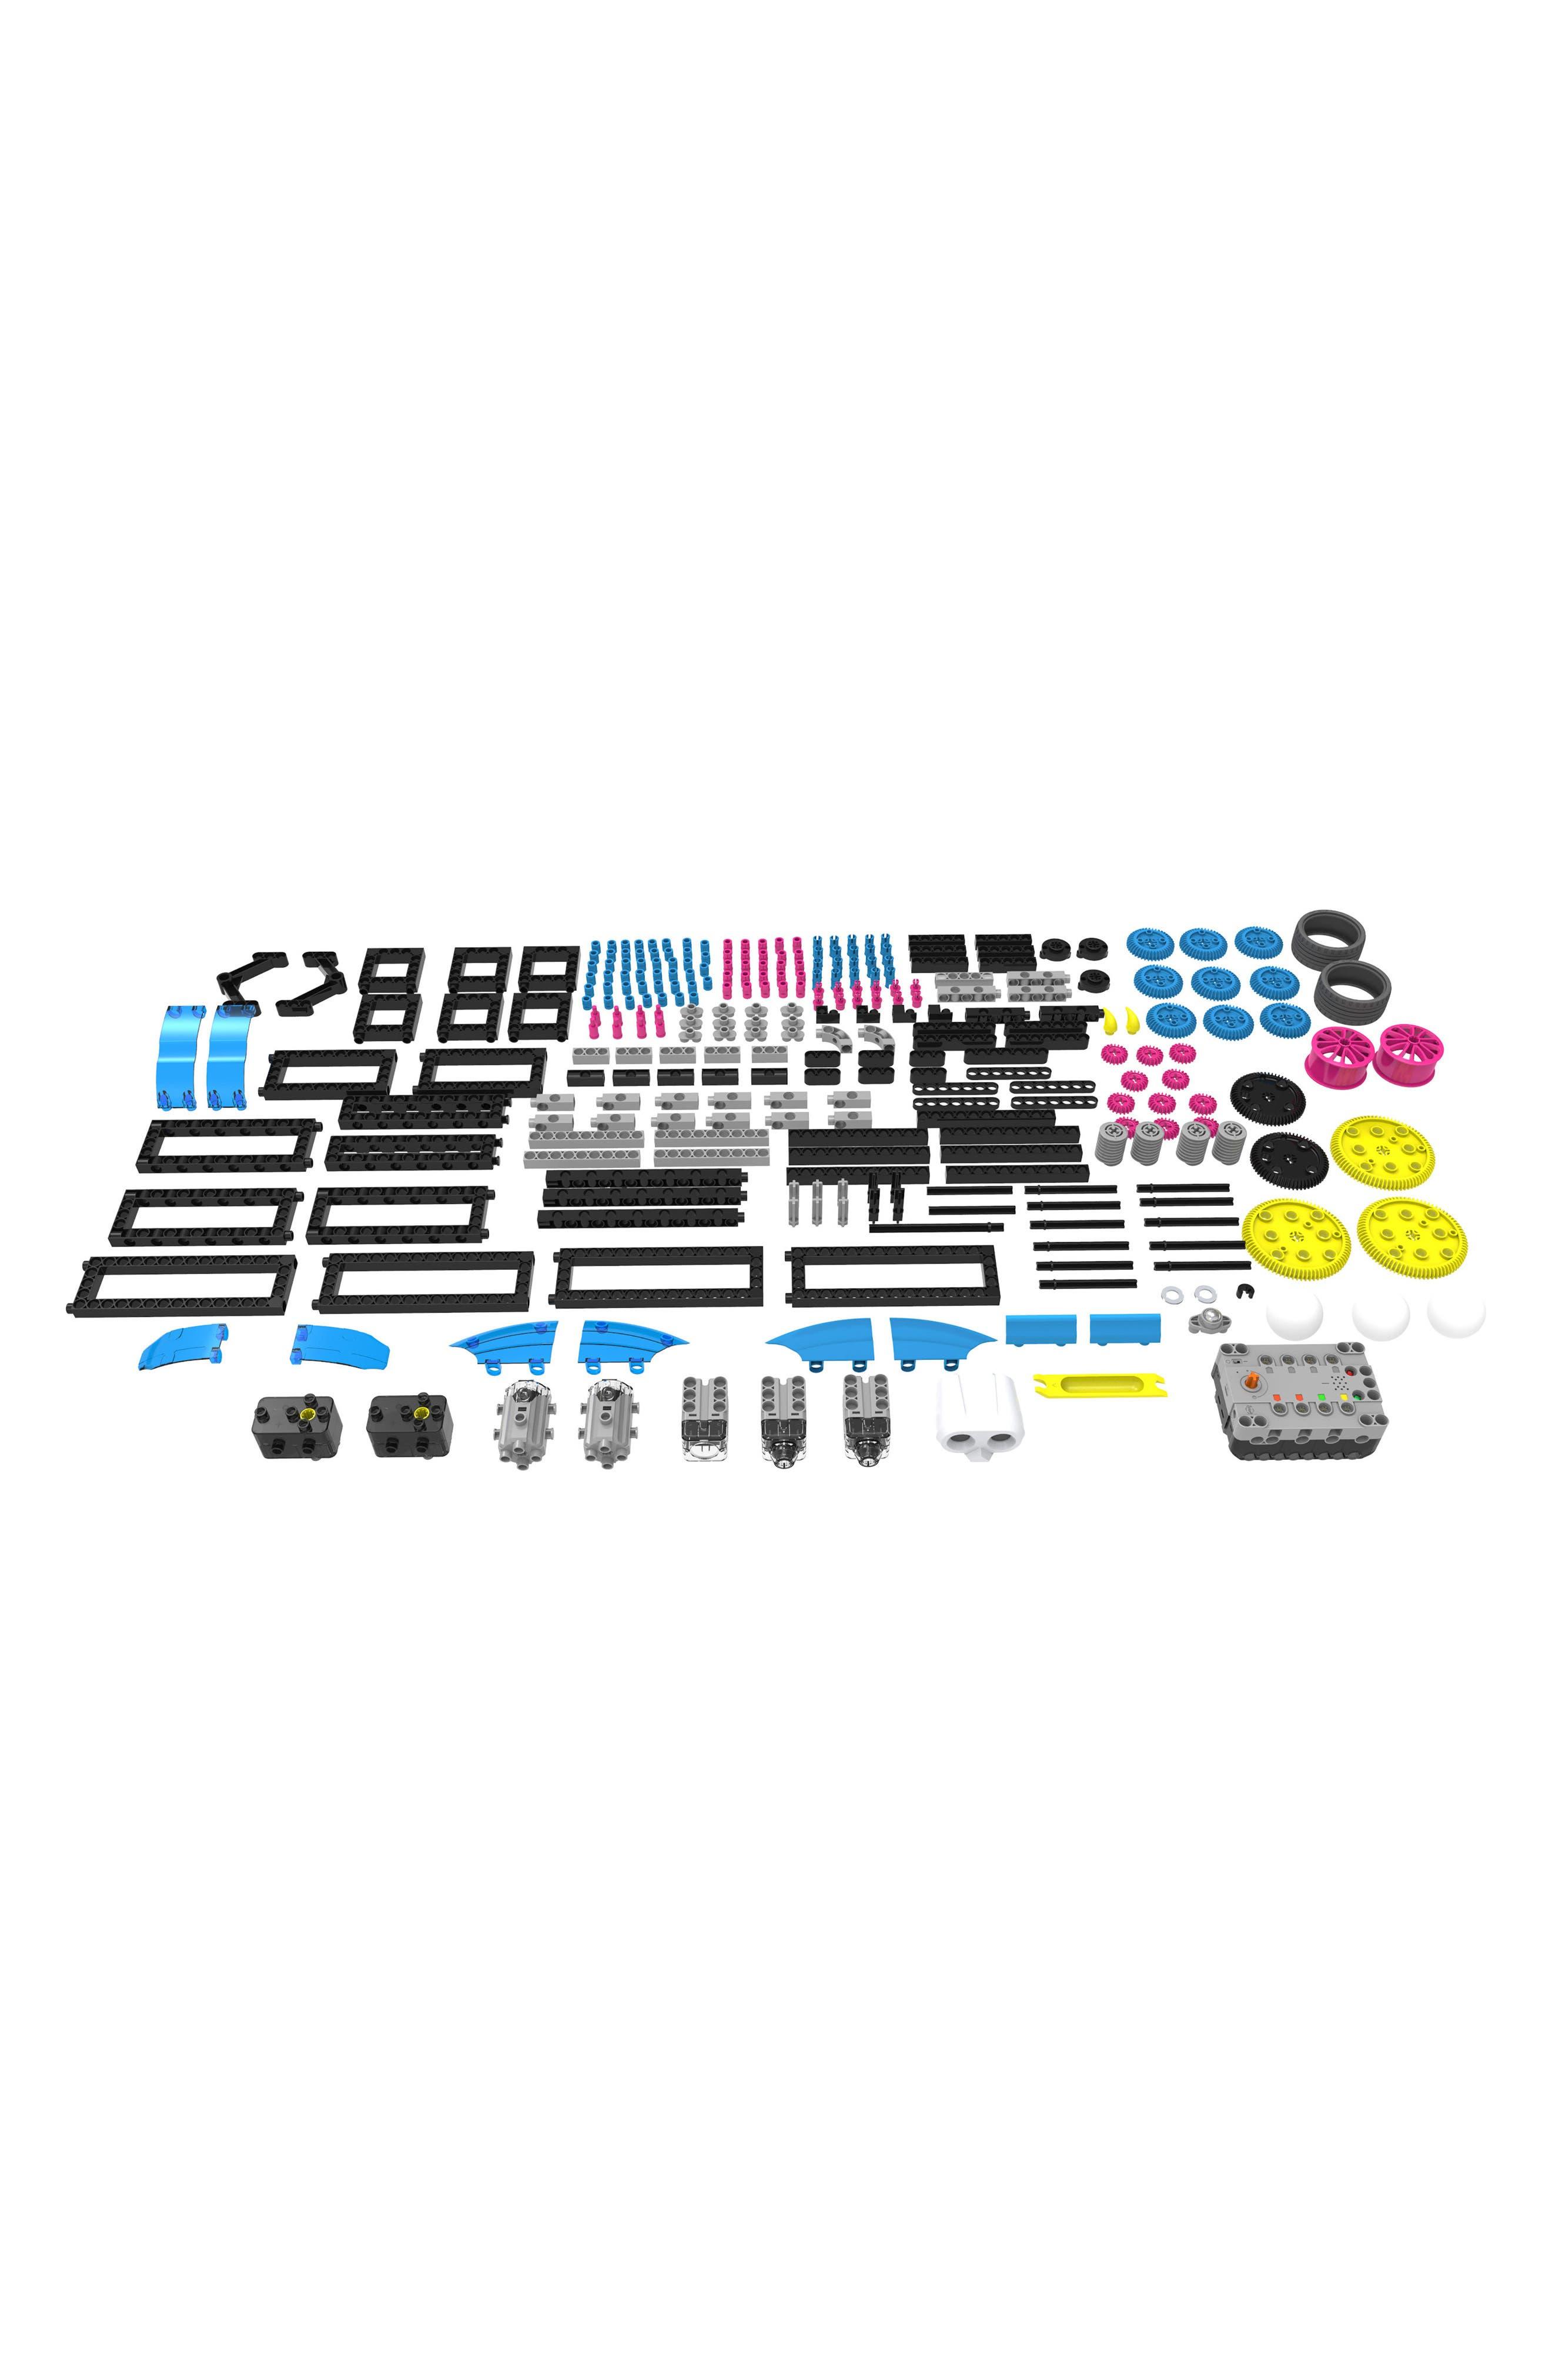 Robotics Building Kit,                             Alternate thumbnail 7, color,                             NO COLOR